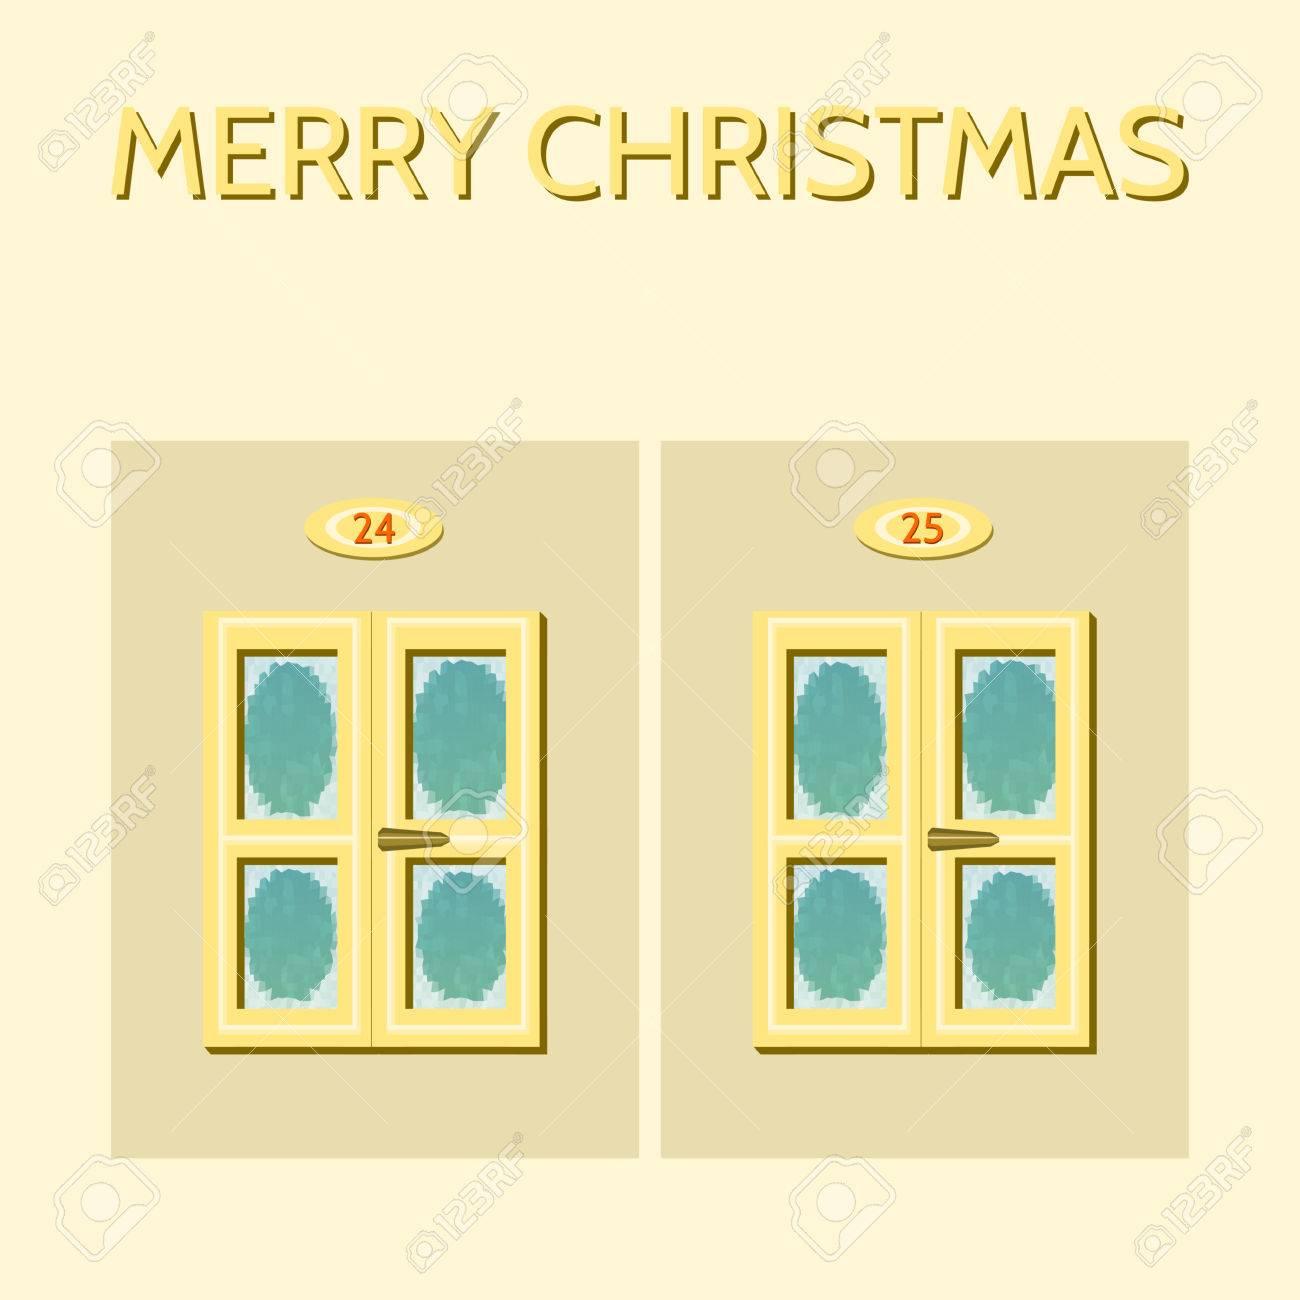 Ist Weihnachten Am 24 Oder 25.Stock Photo